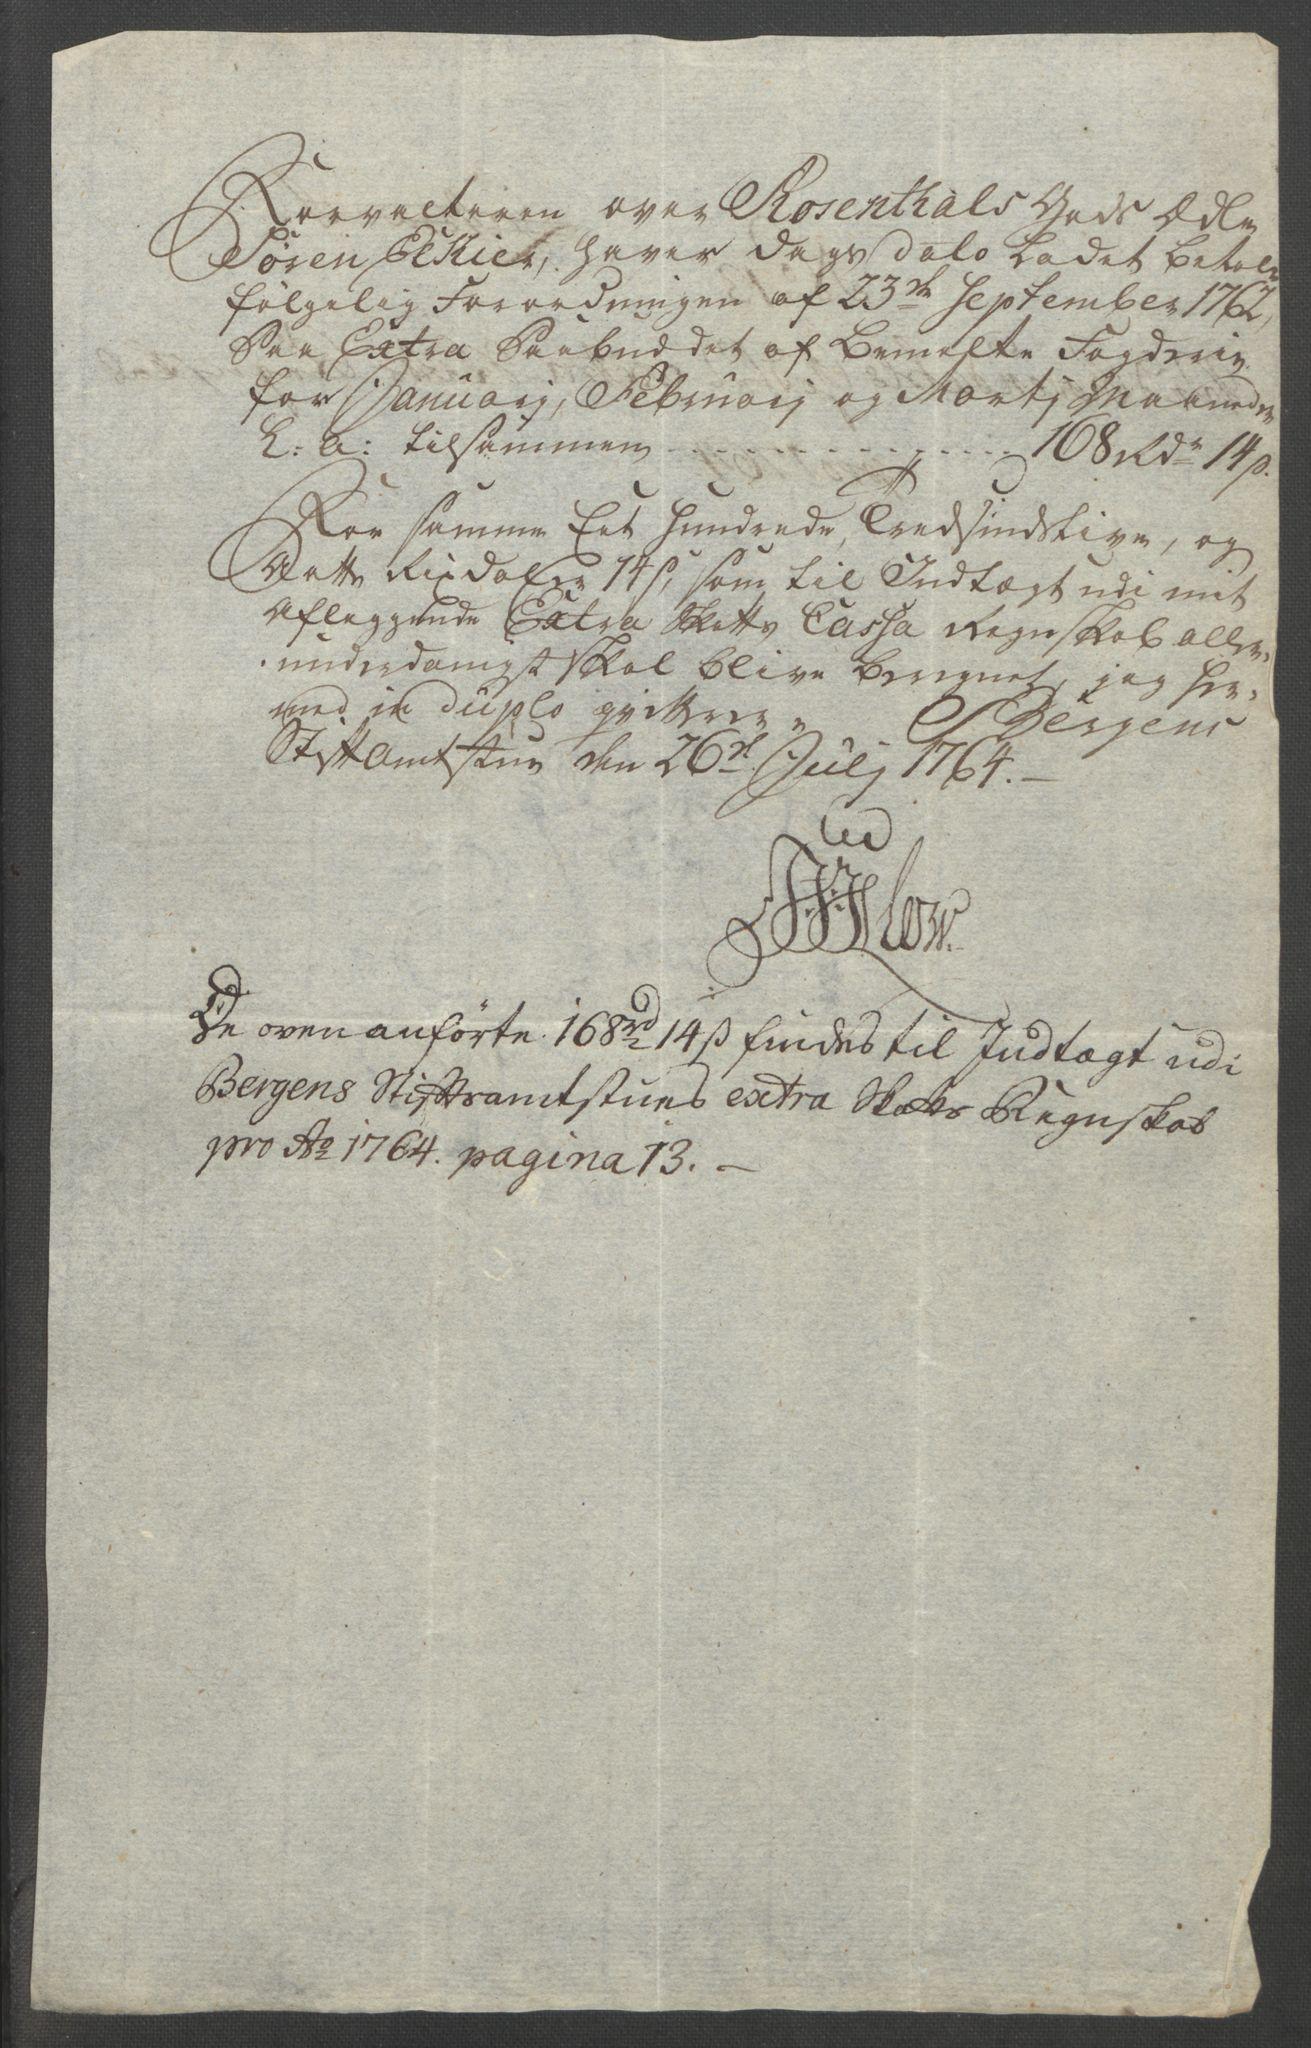 RA, Rentekammeret inntil 1814, Reviderte regnskaper, Fogderegnskap, R49/L3157: Ekstraskatten Rosendal Baroni, 1762-1772, s. 105